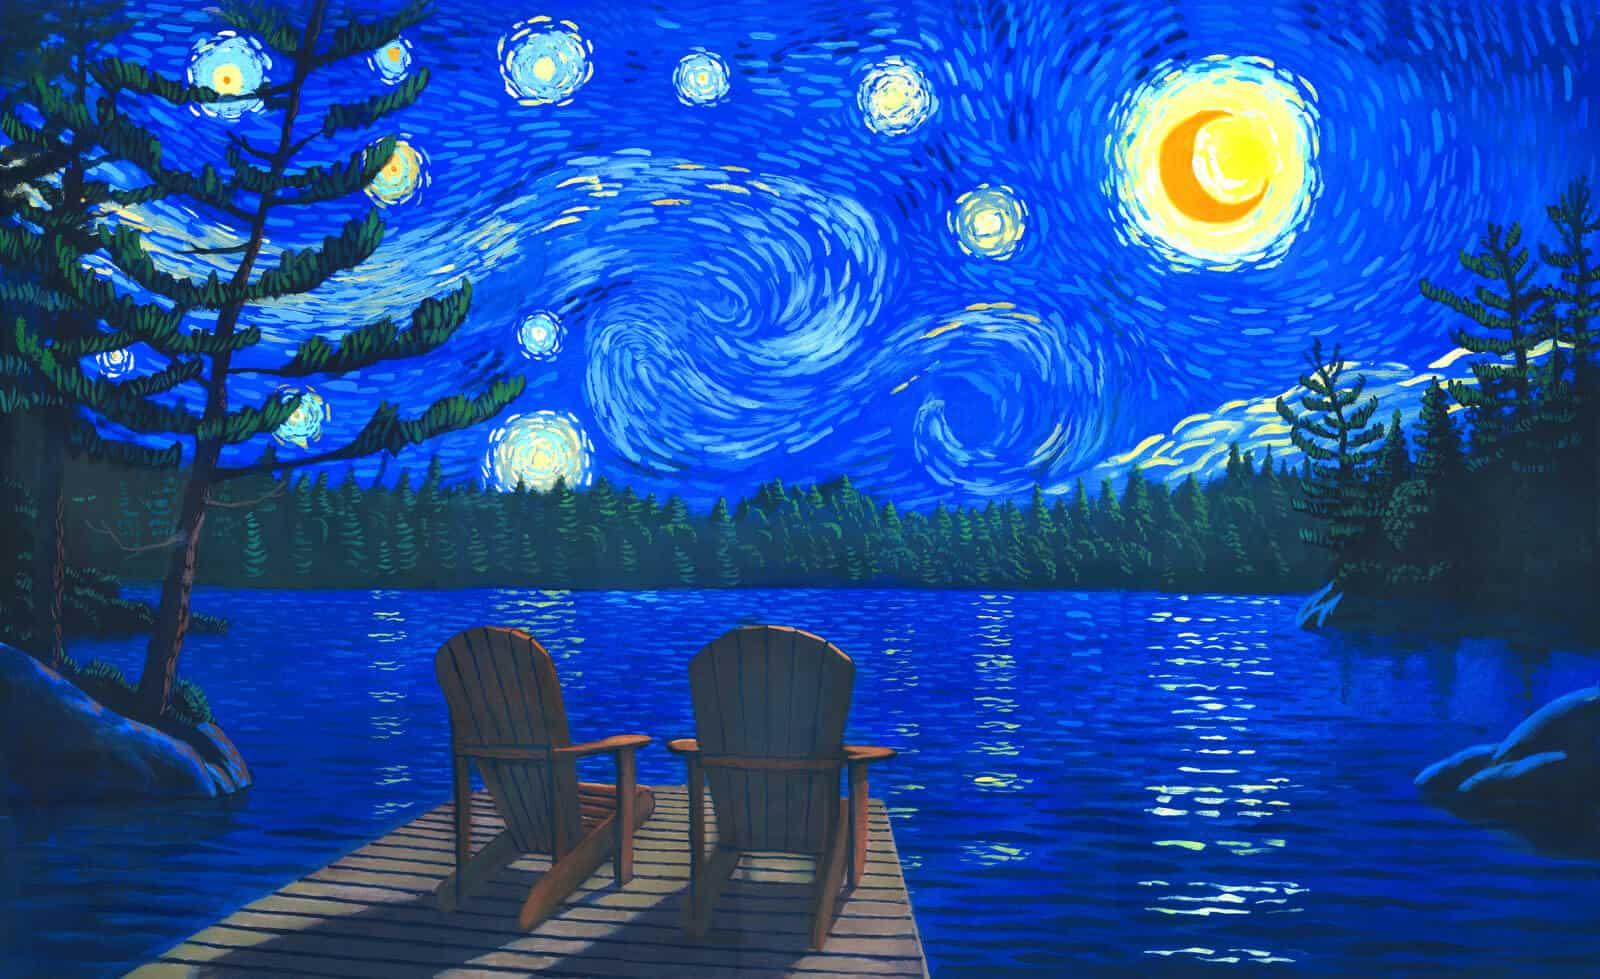 Starry Night Muskoka by artist Robert Johnson